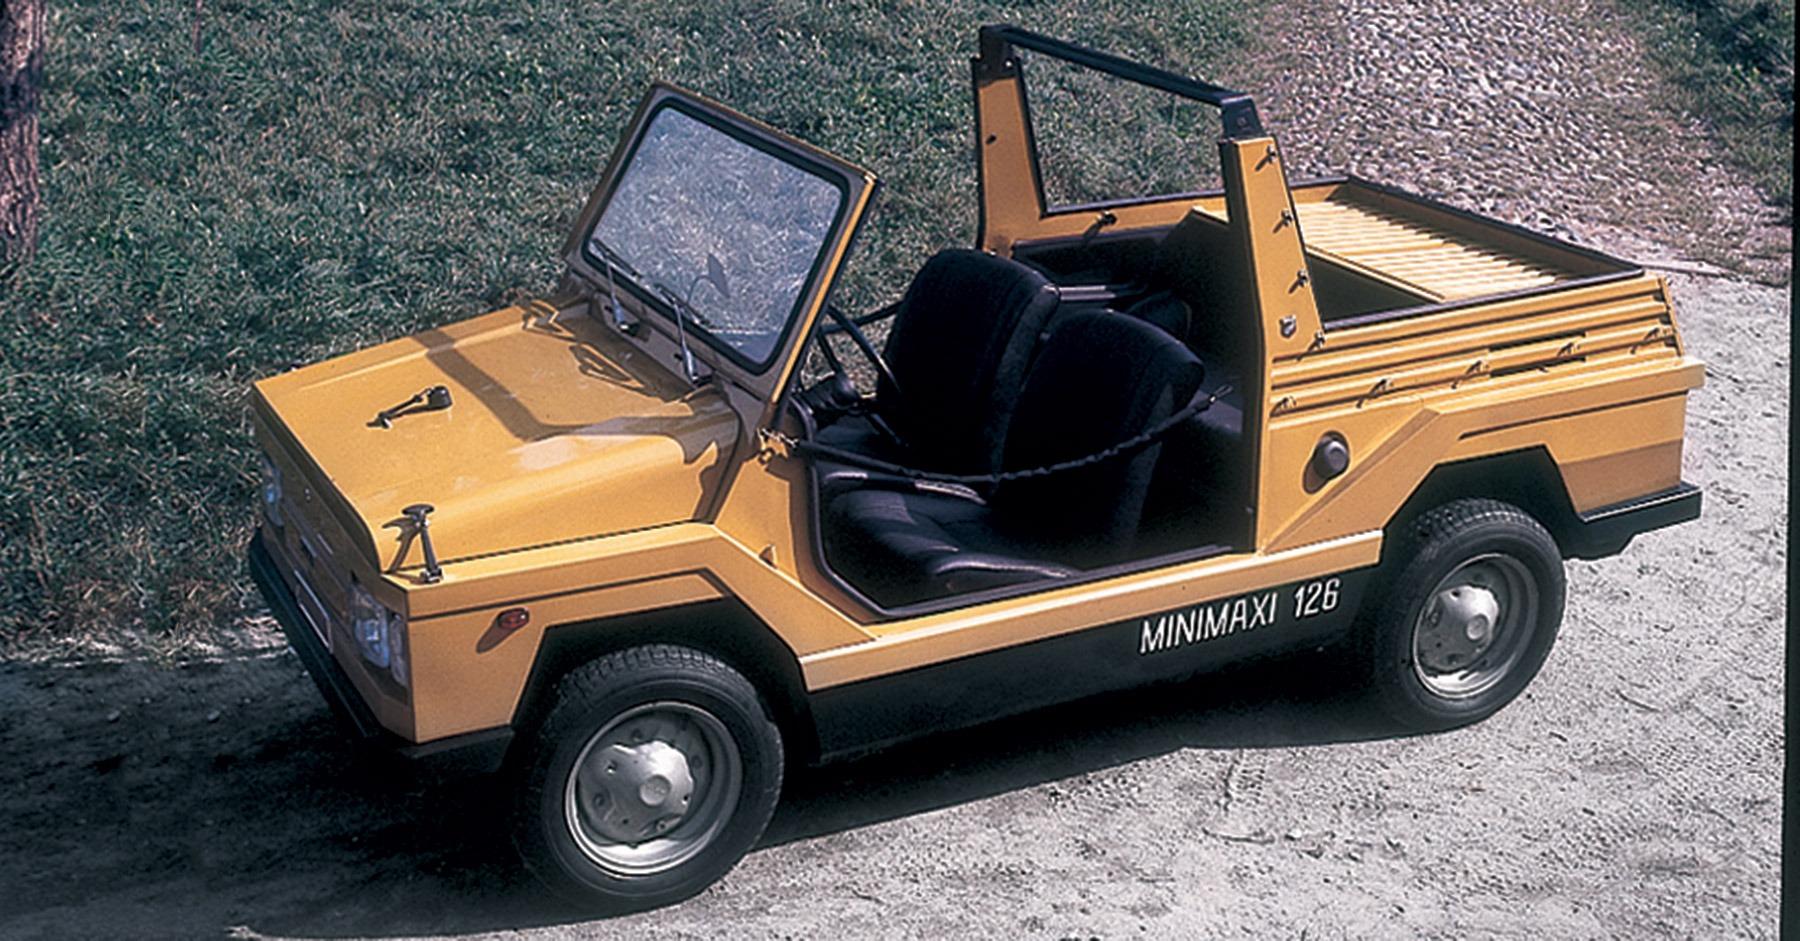 1973-Moretti-Fiat-126-Minimaxi-02